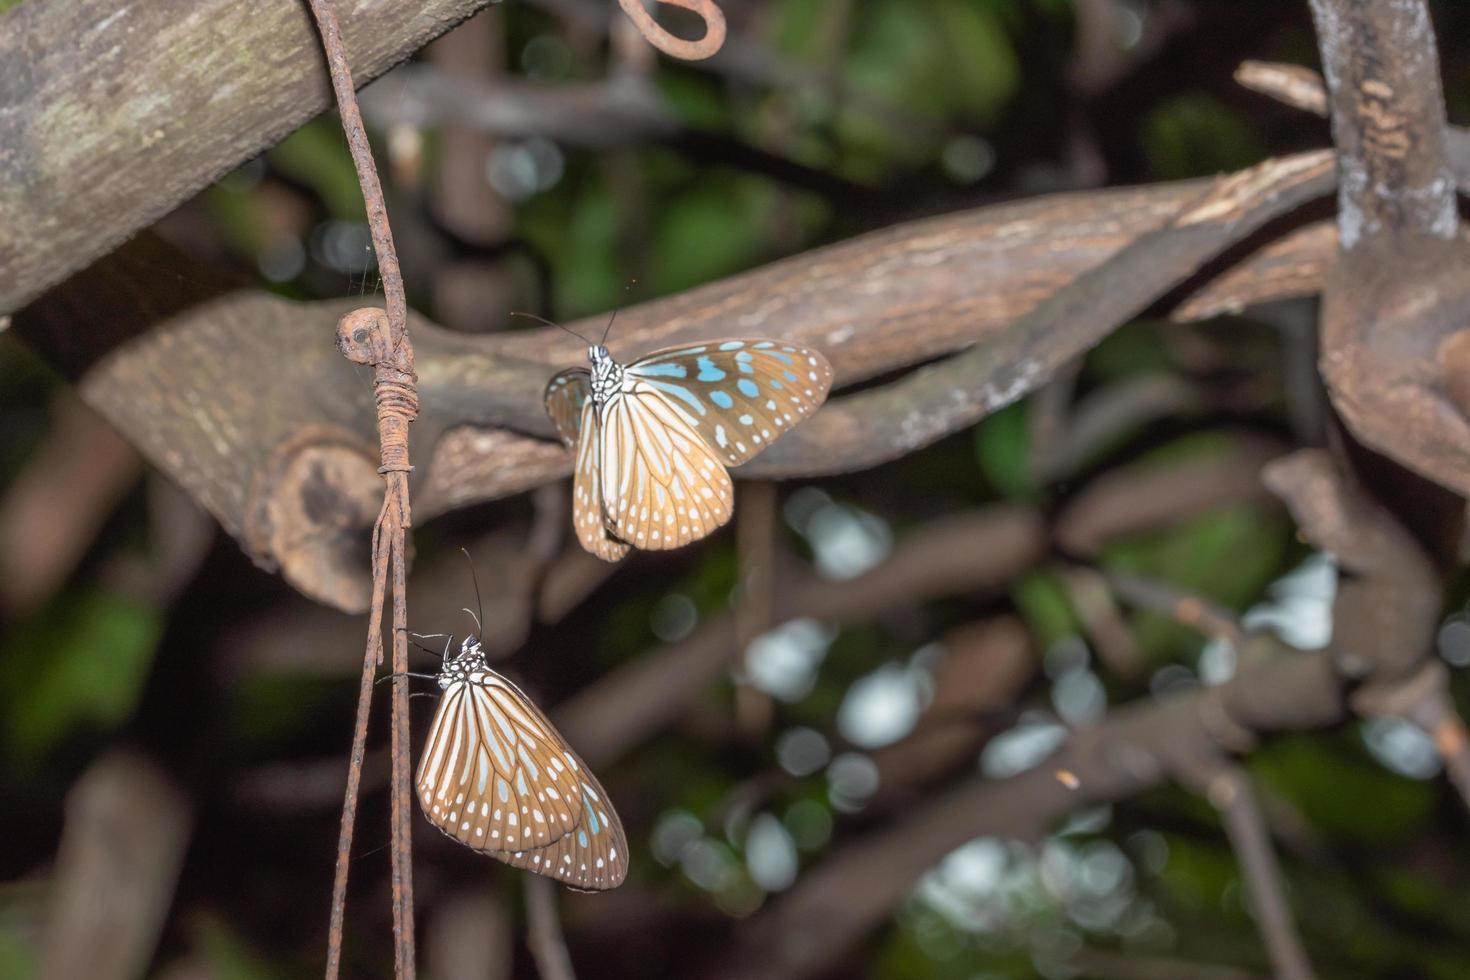 Schmetterlinge in der Natur foto